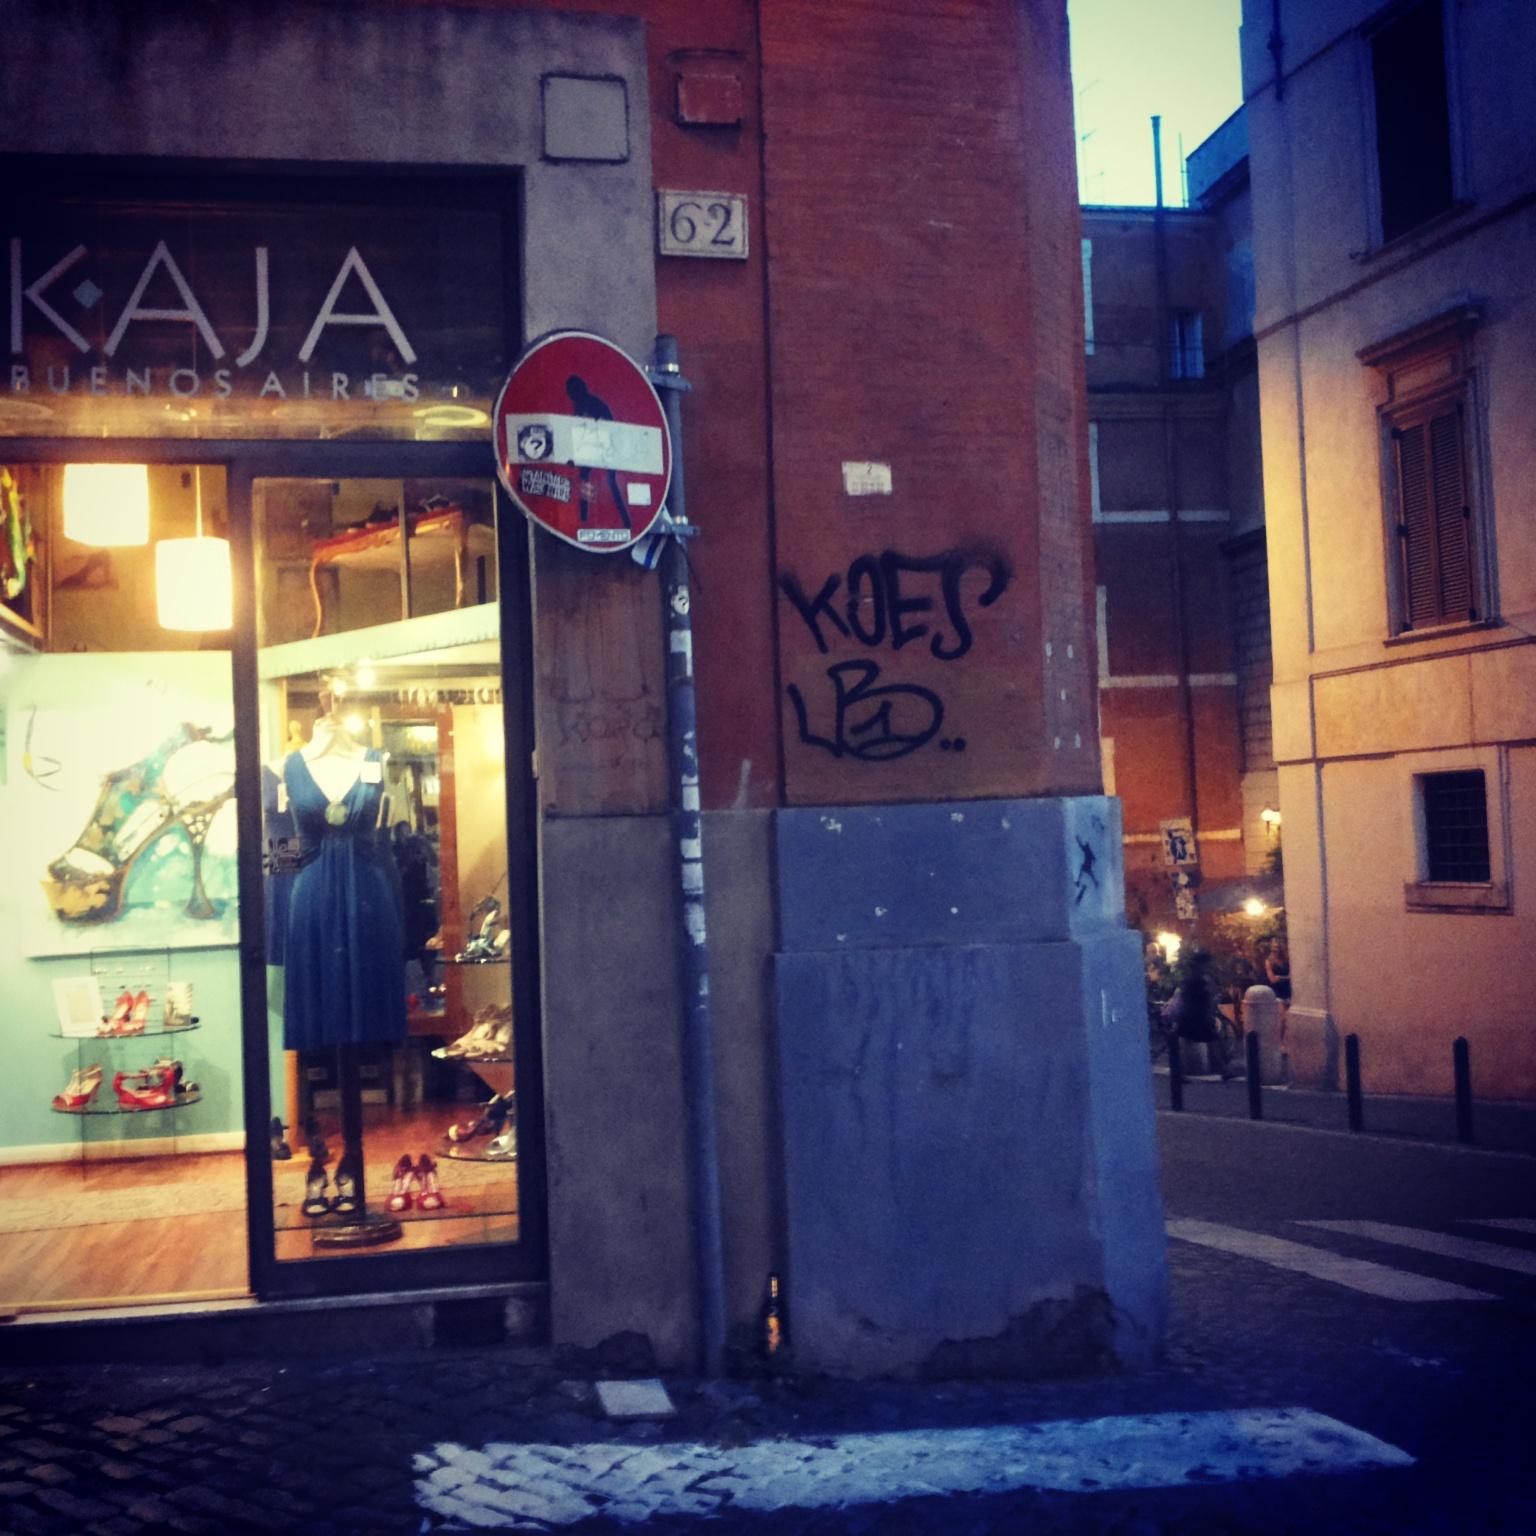 Pubblicato da Kaja tango roma a 07 33 Nessun commento  058fc03306c